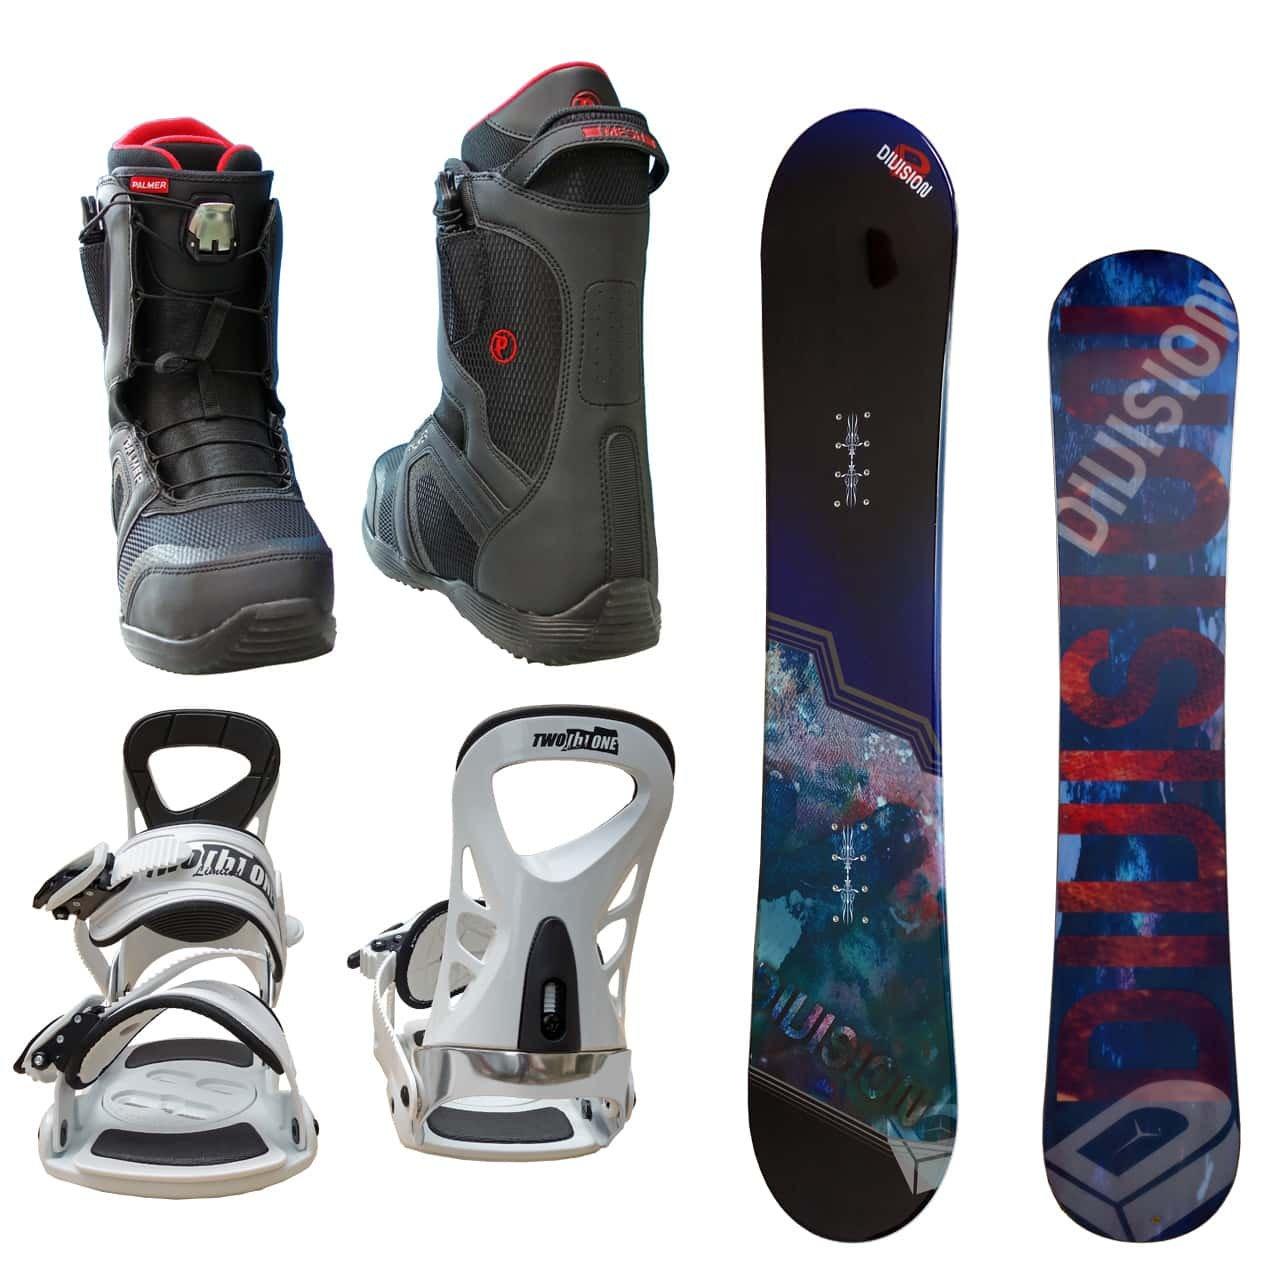 DIVISION メンズ スノーボード3点セット スノボー+バインディング+クイックシューレースブーツ B078ZY56LX ボード 156+ブーツ 27.0|ボード ネイビー+binding ホワイト+bootsブラック ボード ネイビー+binding ホワイト+bootsブラック ボード 156+ブーツ 27.0